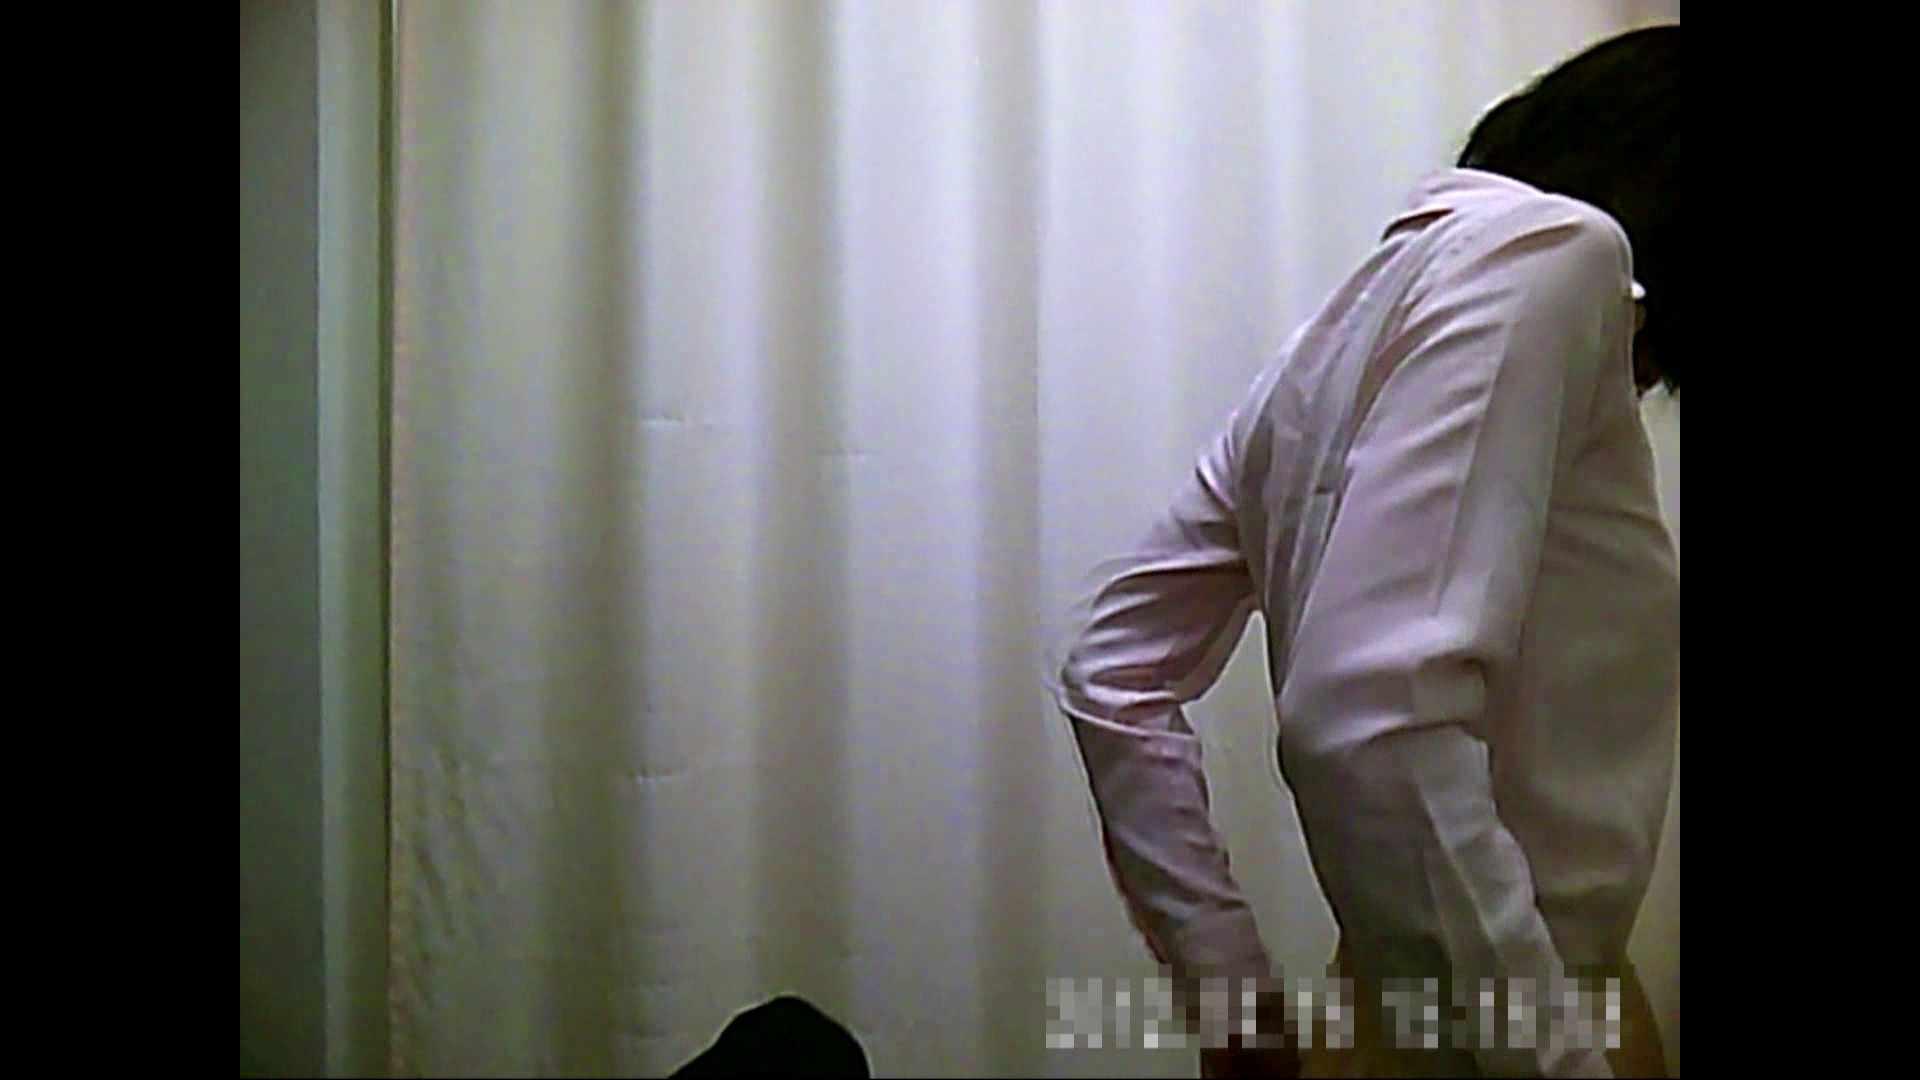 元医者による反抗 更衣室地獄絵巻 vol.017 OLの実態  98pic 62